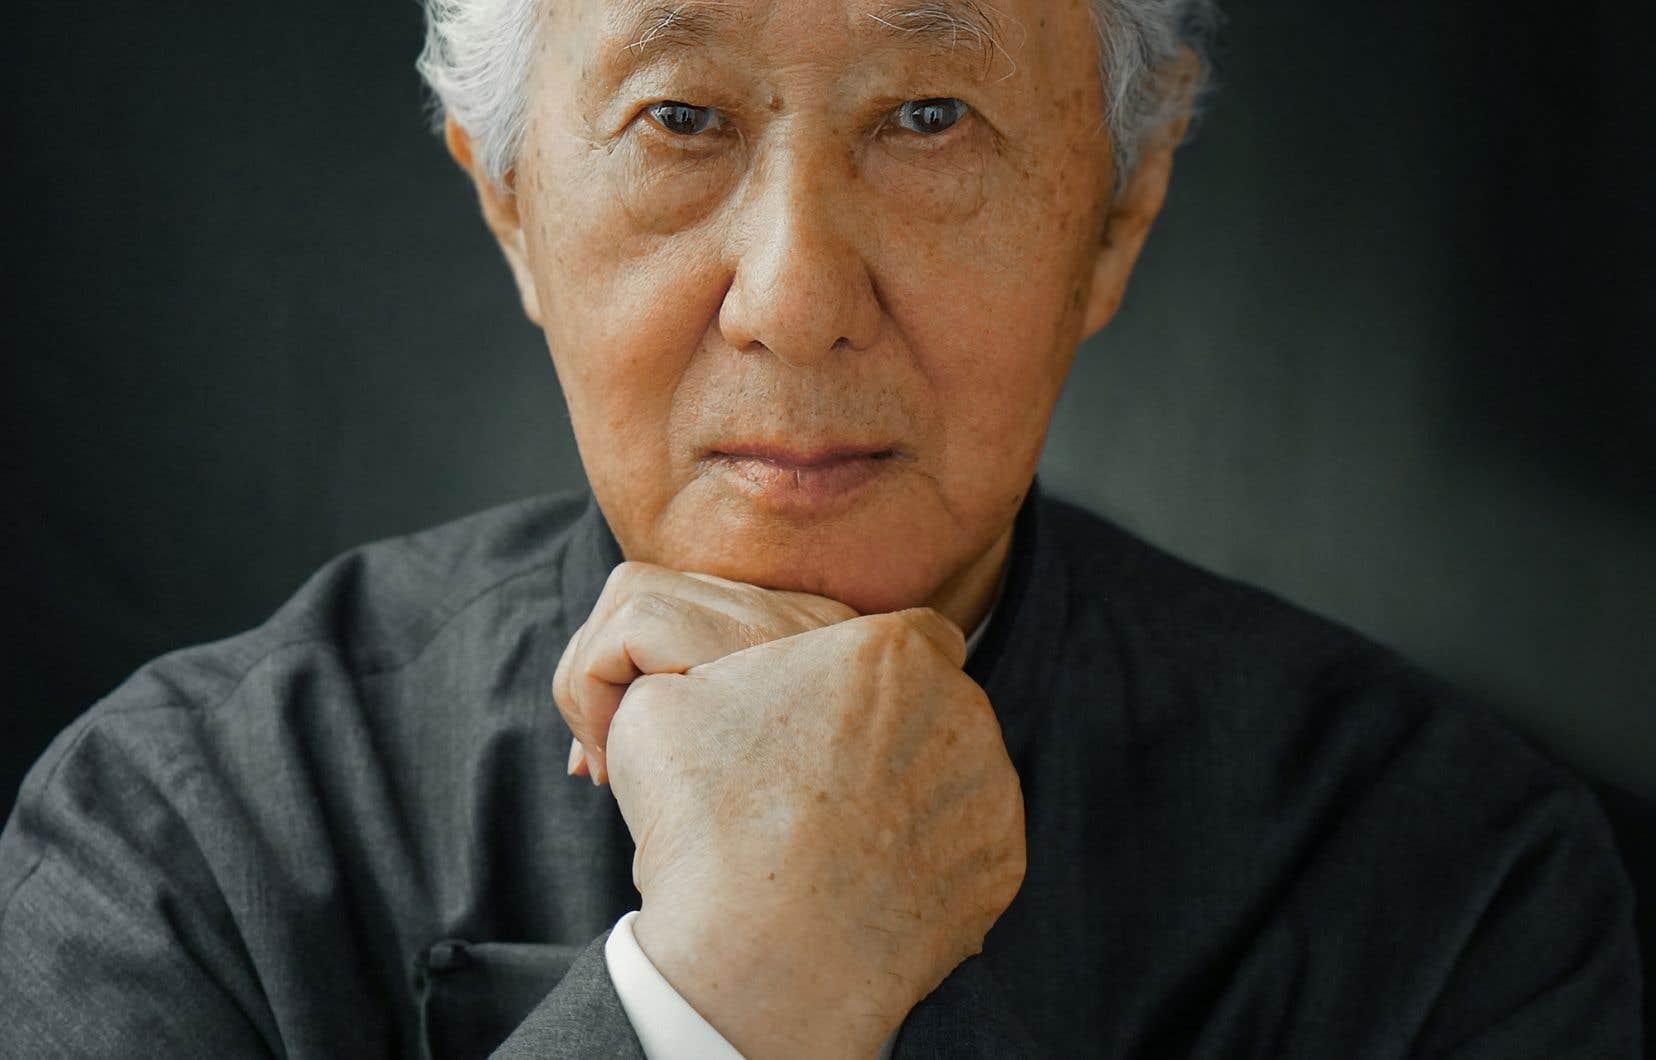 L'architecte et urbaniste japonais Arata Isozaki, lauréat du prestigieux prix Pritzker en 2019